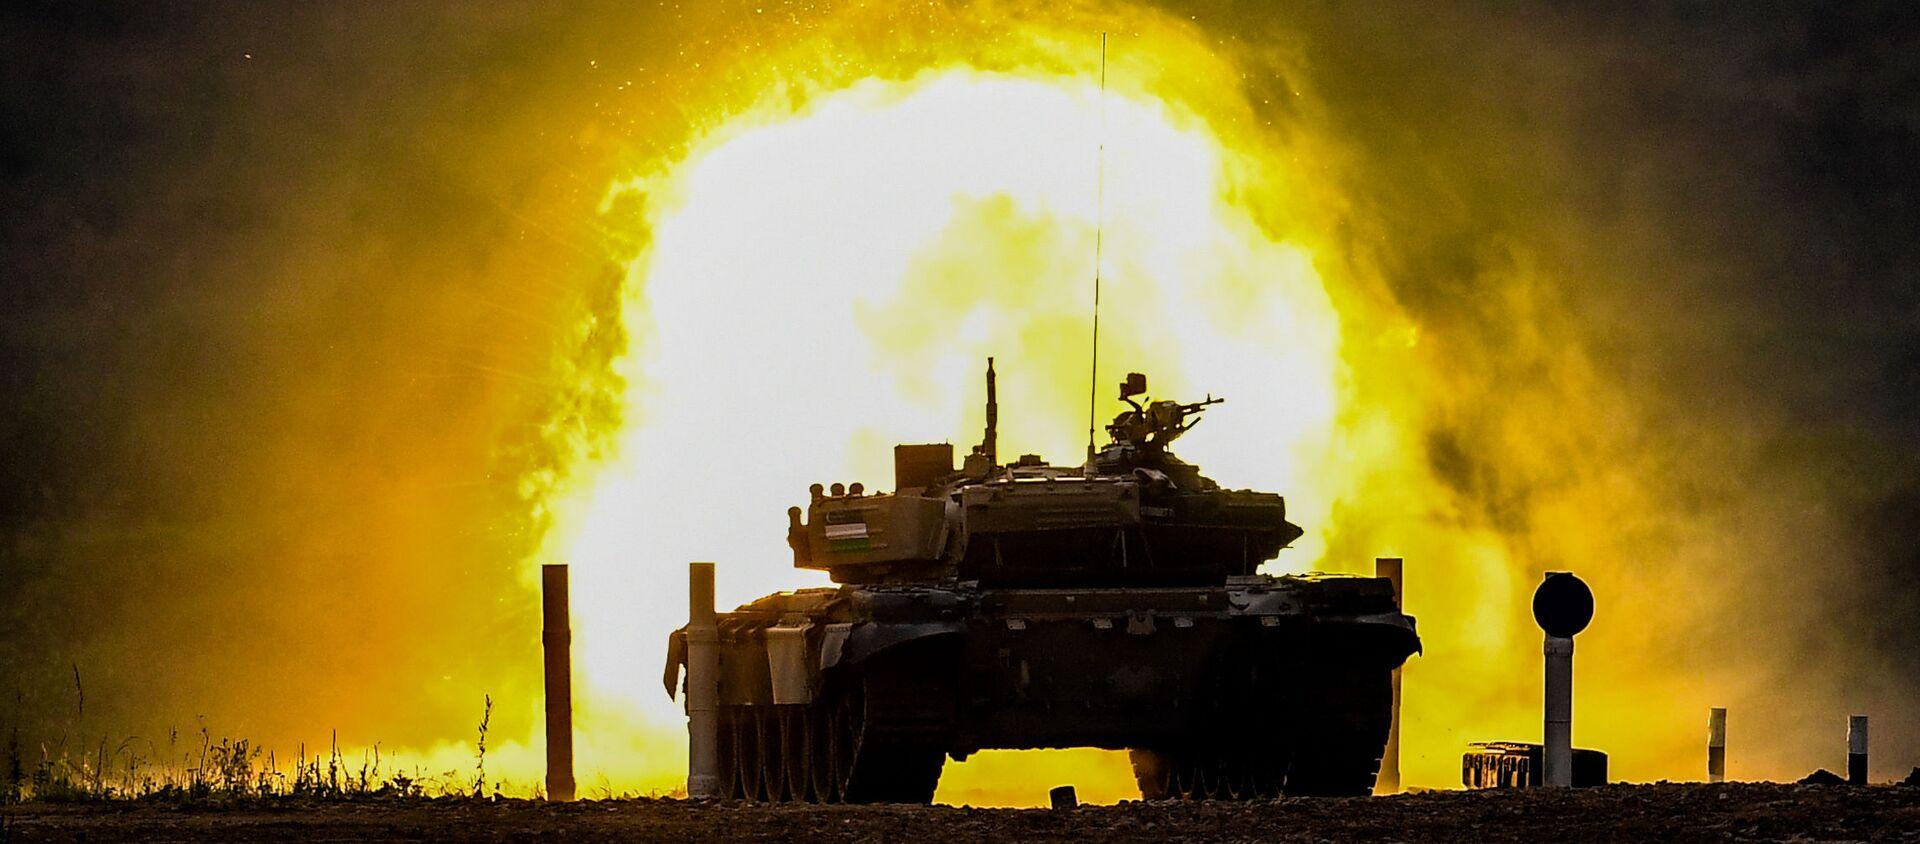 Tank T-72 komandы voyennoslujaщix Uzbekistana vo vremya sorevnovaniy tankovыx ekipajey v ramkax konkursa Tankovыy biatlon-2020 na poligone Alabino - Sputnik Oʻzbekiston, 1920, 02.10.2020